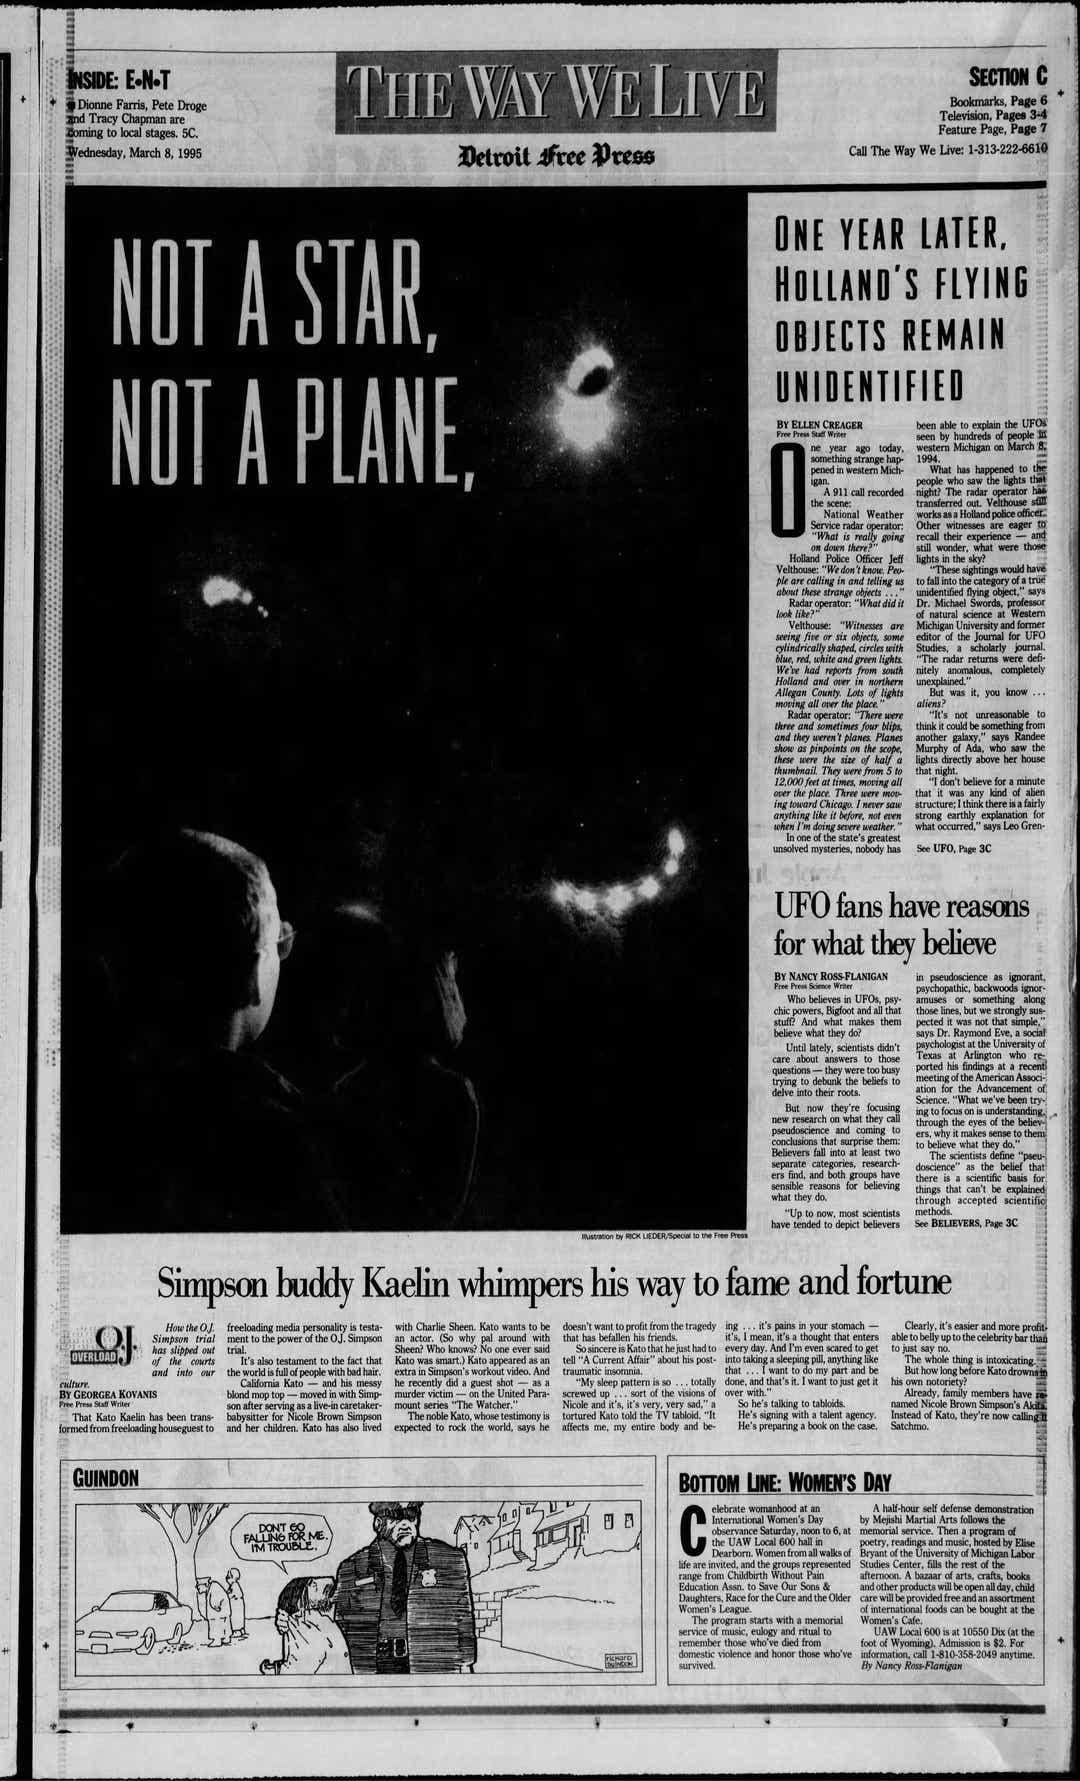 Gli avvistamenti UFO segnalati sono stati i più importanti dal marzo 1966, Bill Konkolesky, direttore dello stato del Michigan di MUFON